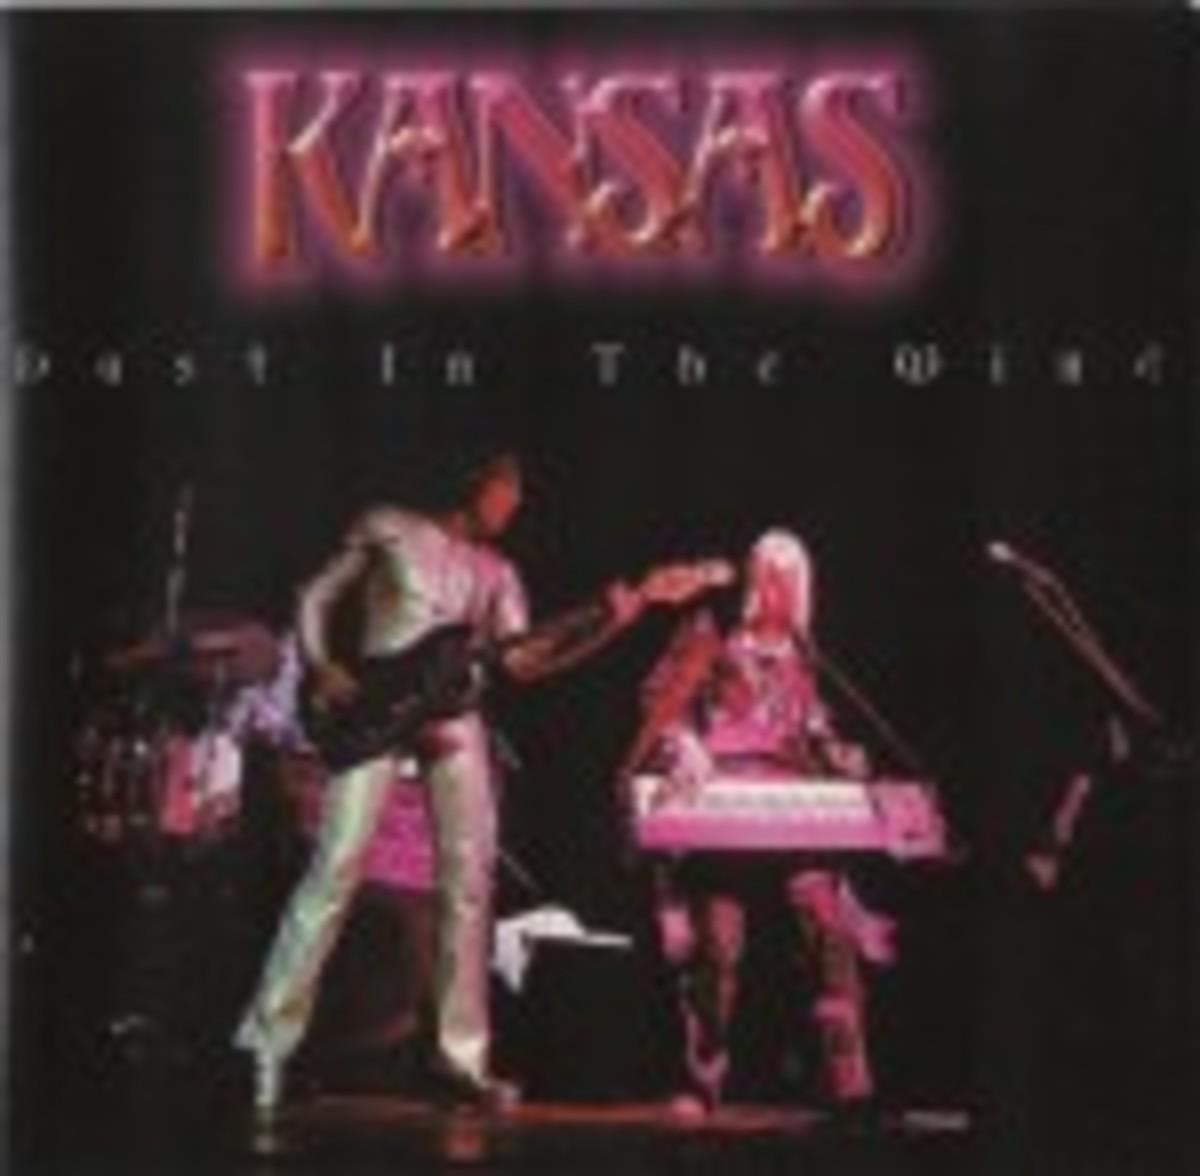 Kansas Edgar Winter cover